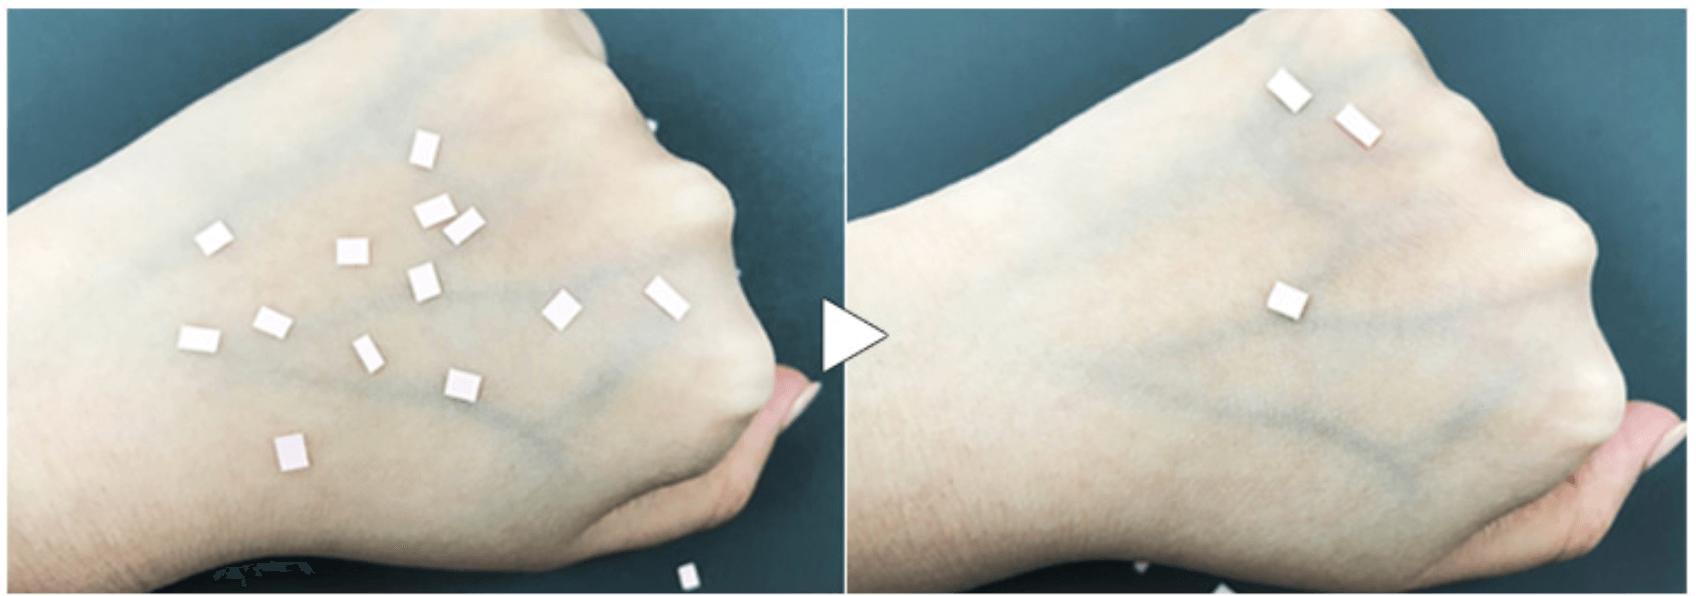 Prueba de pegajosidad de THELAVICOS Suvia Natural Skin CC Cushion